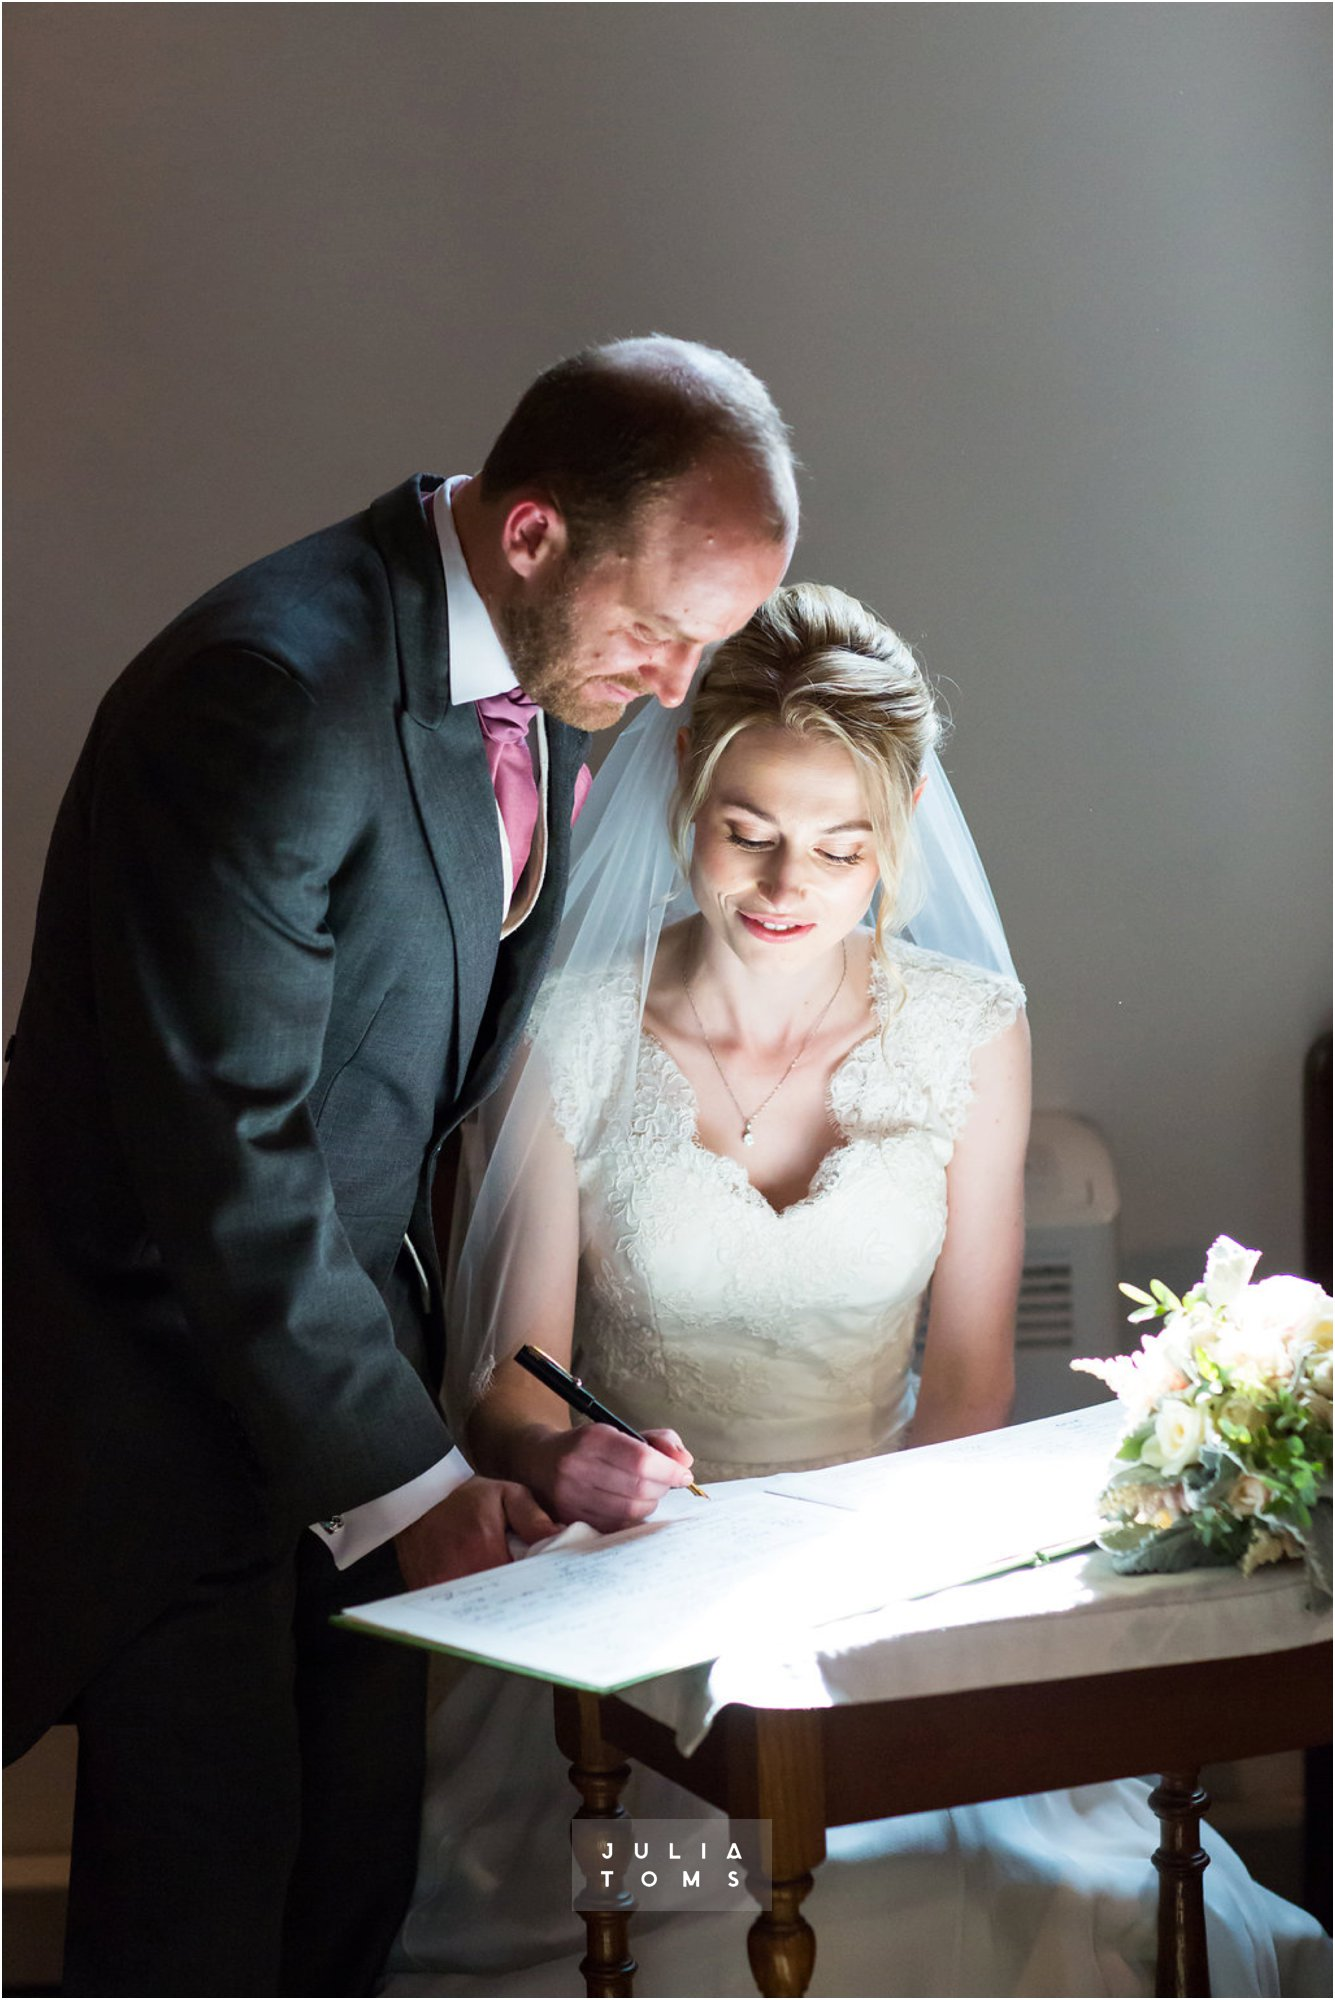 itchenor_wedding_chichester_photographer_033.jpg